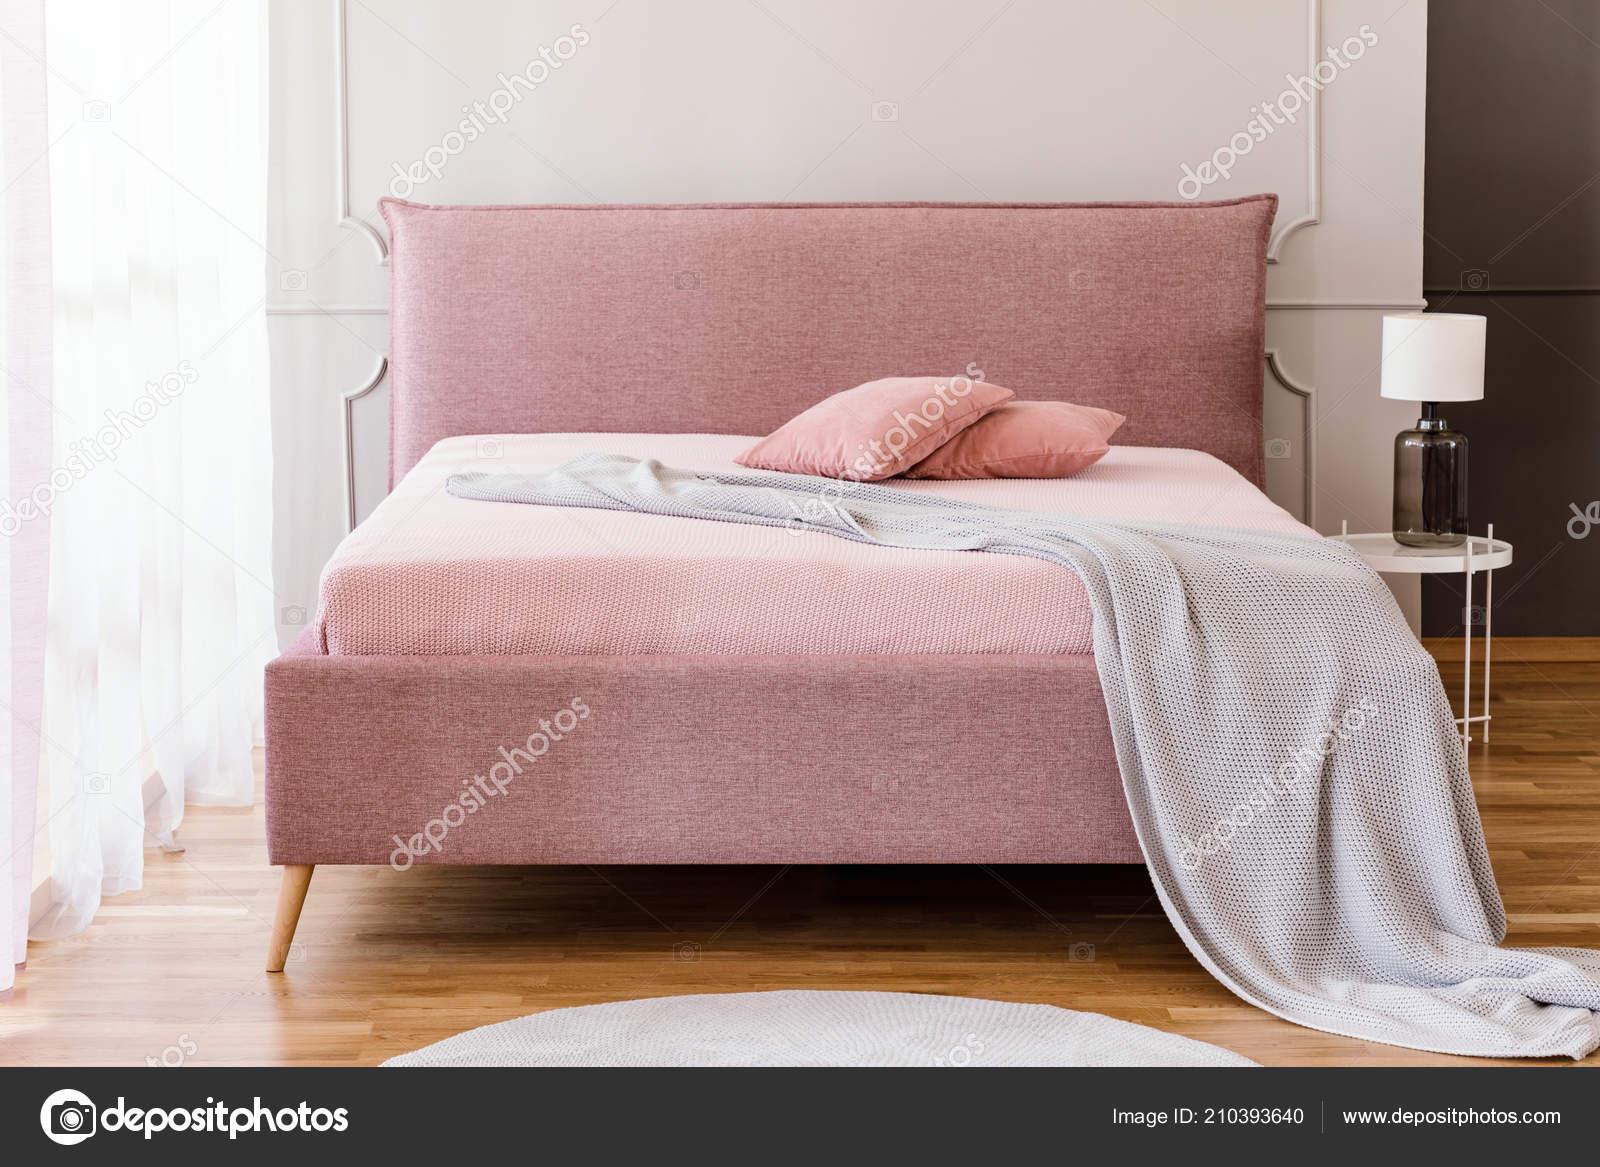 Vraie Photo Pastel Rose Lit King Size Avec Couverture Tricot